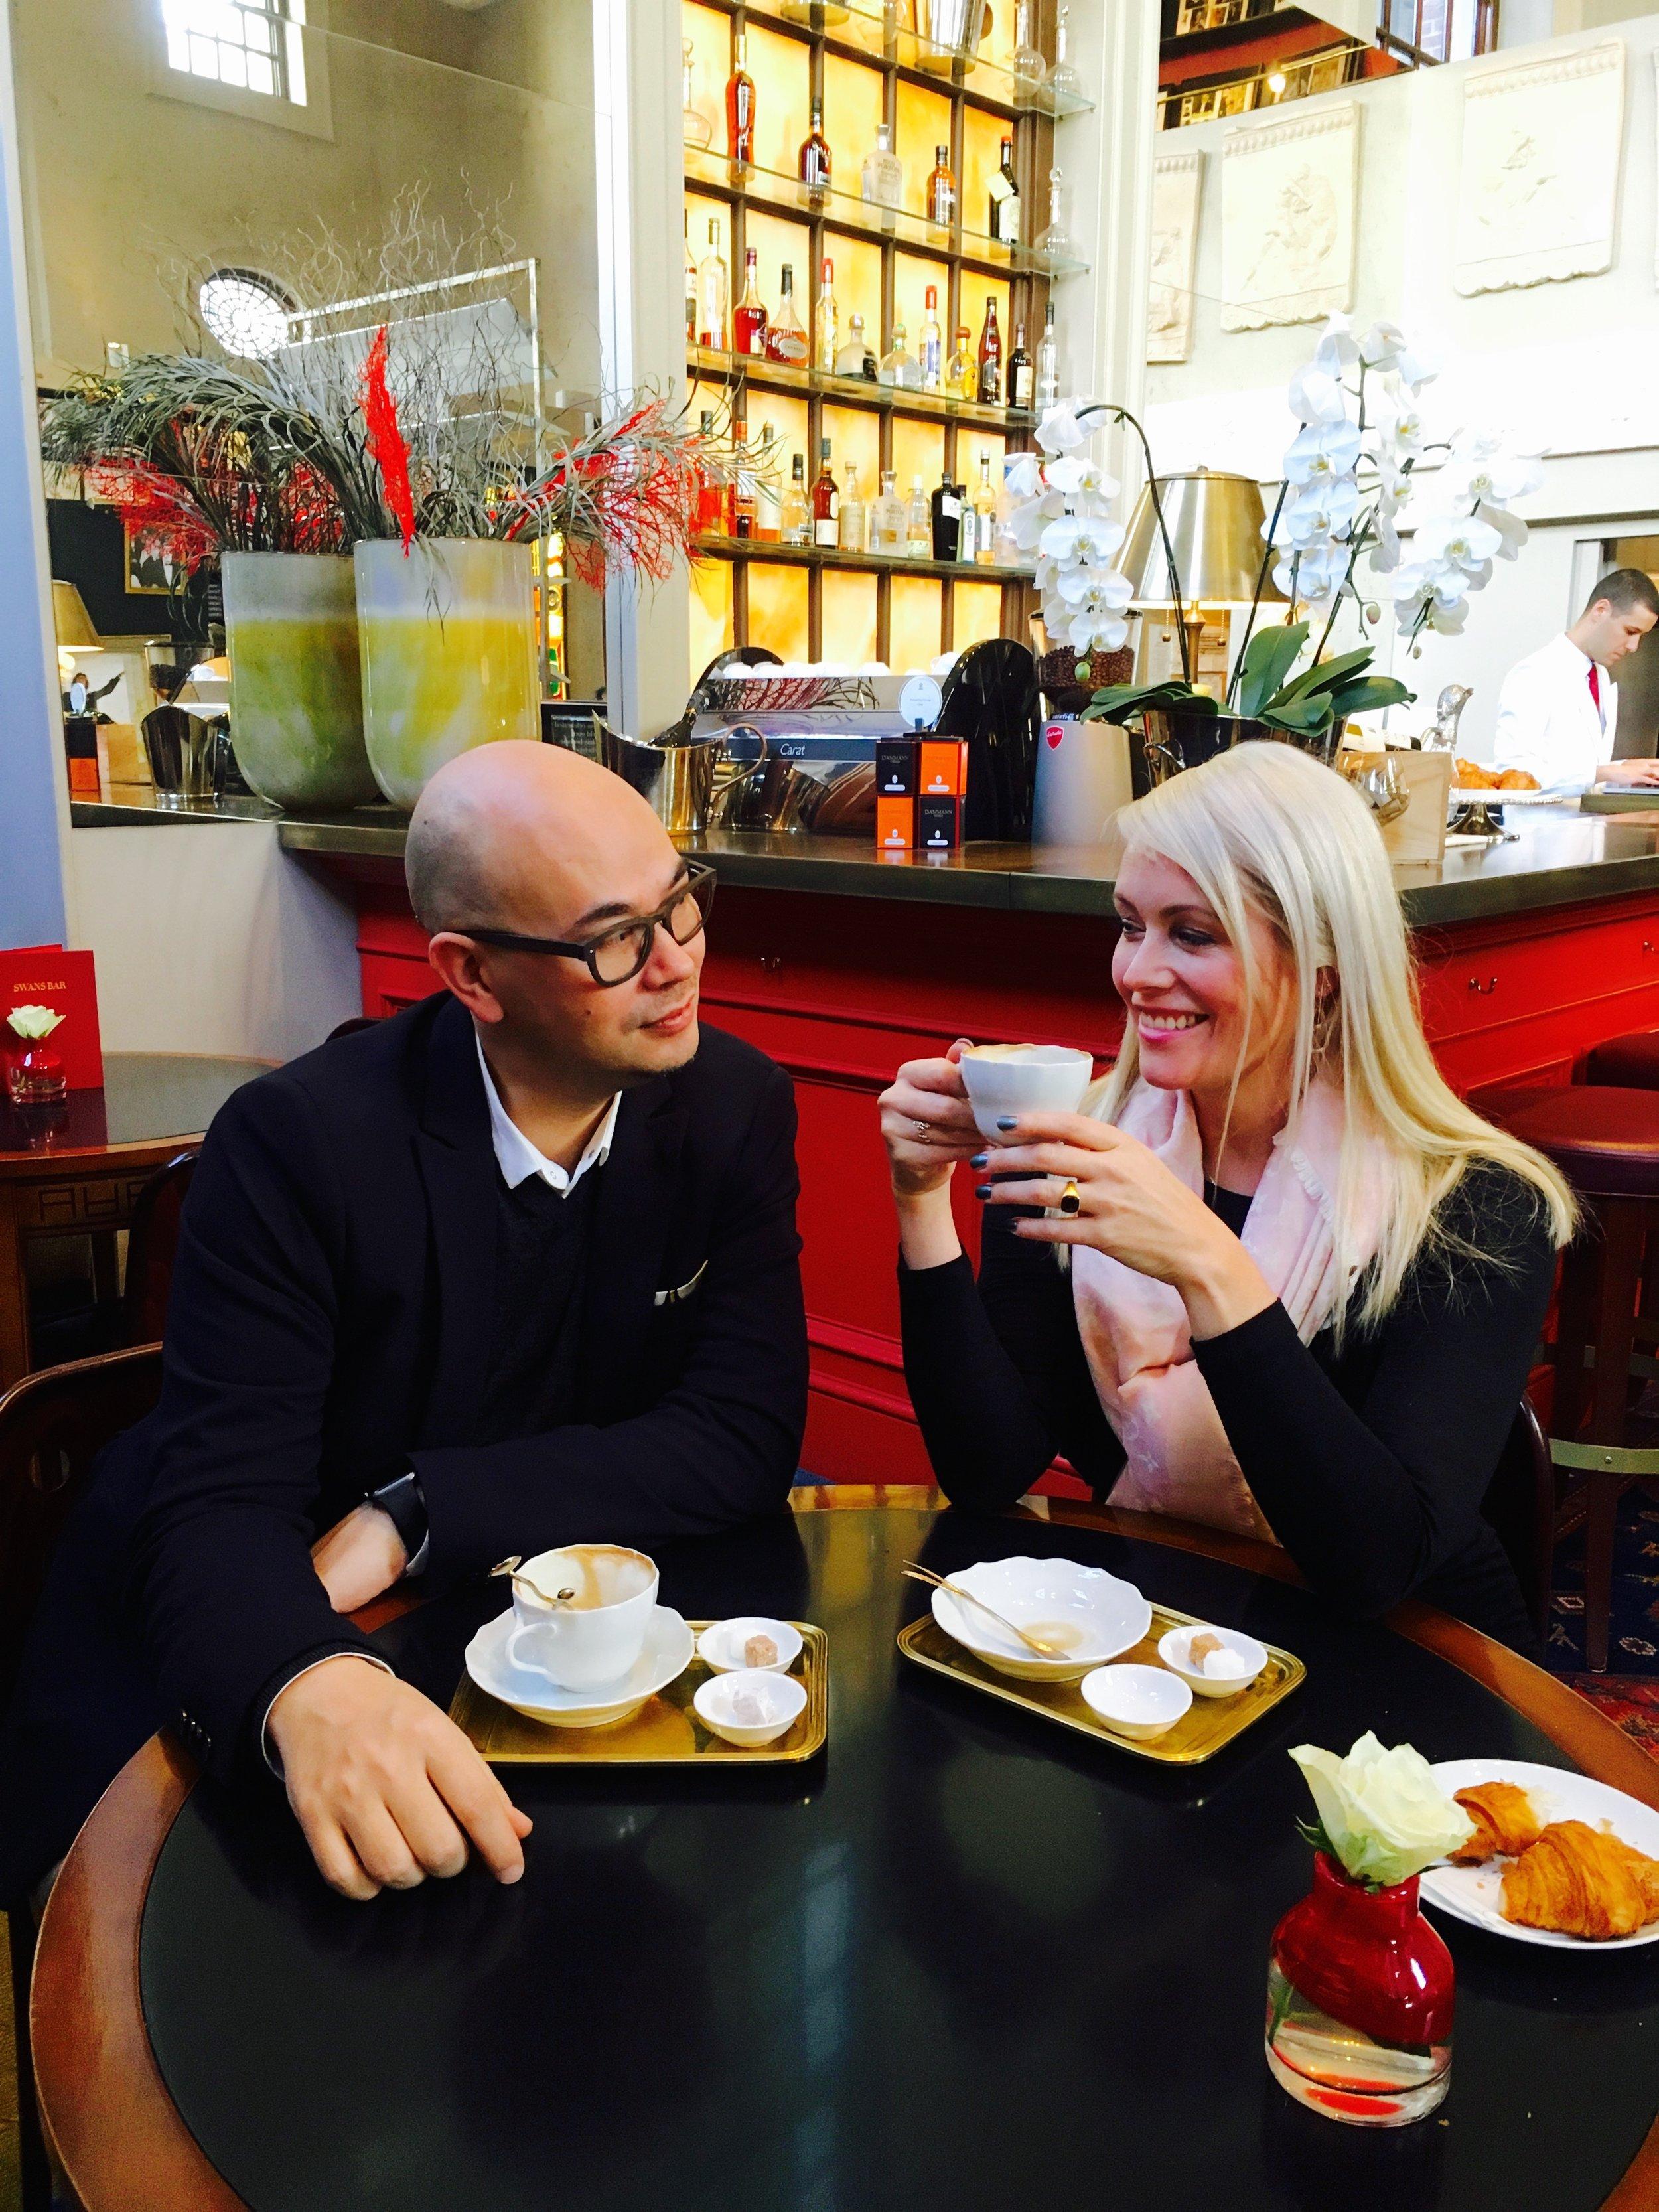 Joni and Anne Kukkohovi, founders of Supermood.